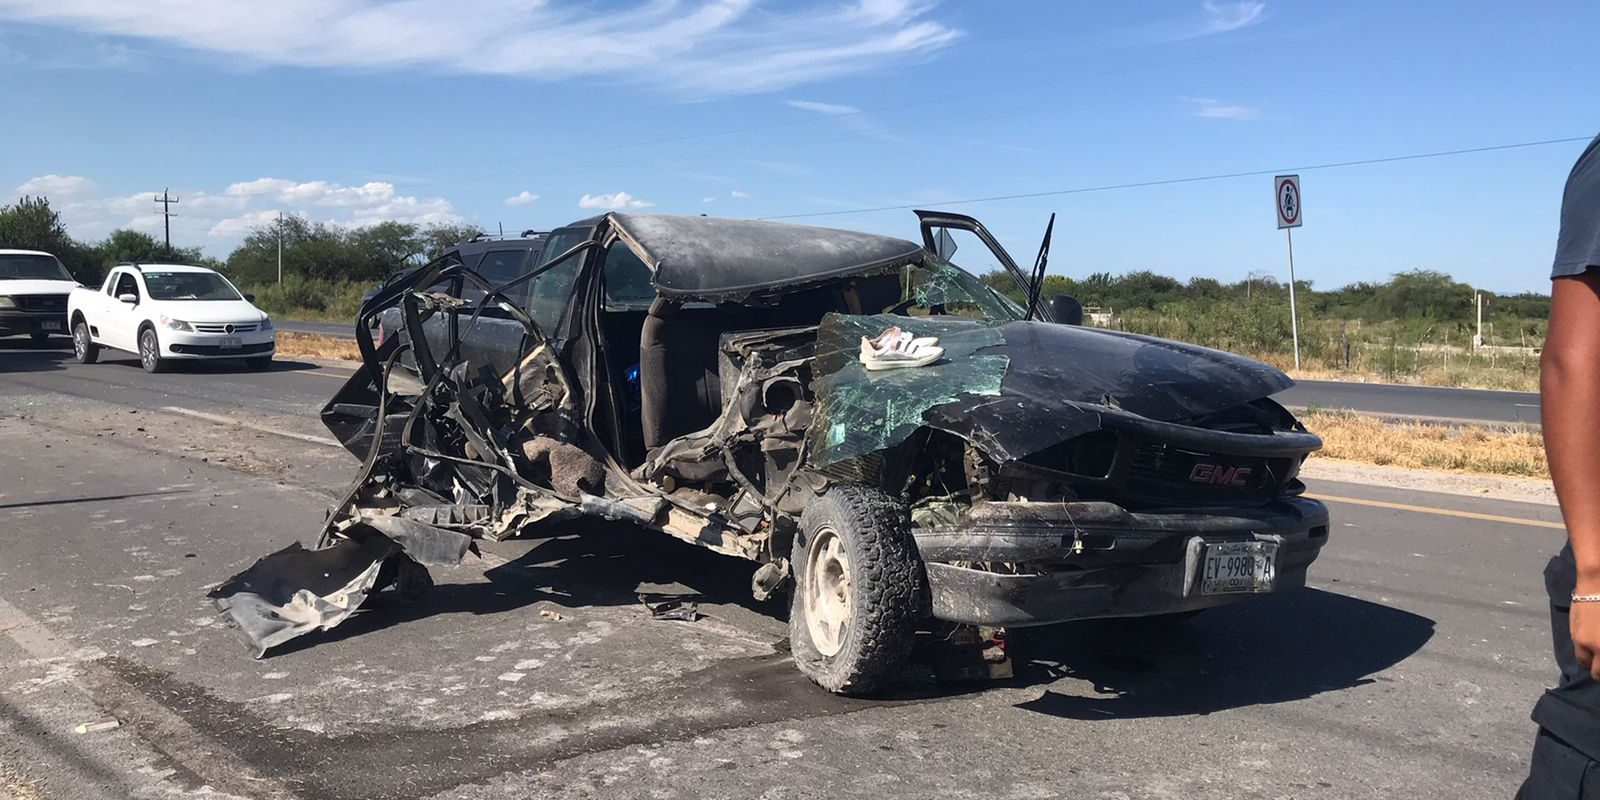 Mujer con embarazo de 5 meses queda lesionada en choque contra tráiler en Carretera 30, entre el Ejido 8 de enero y San Buenaventura Coahuila